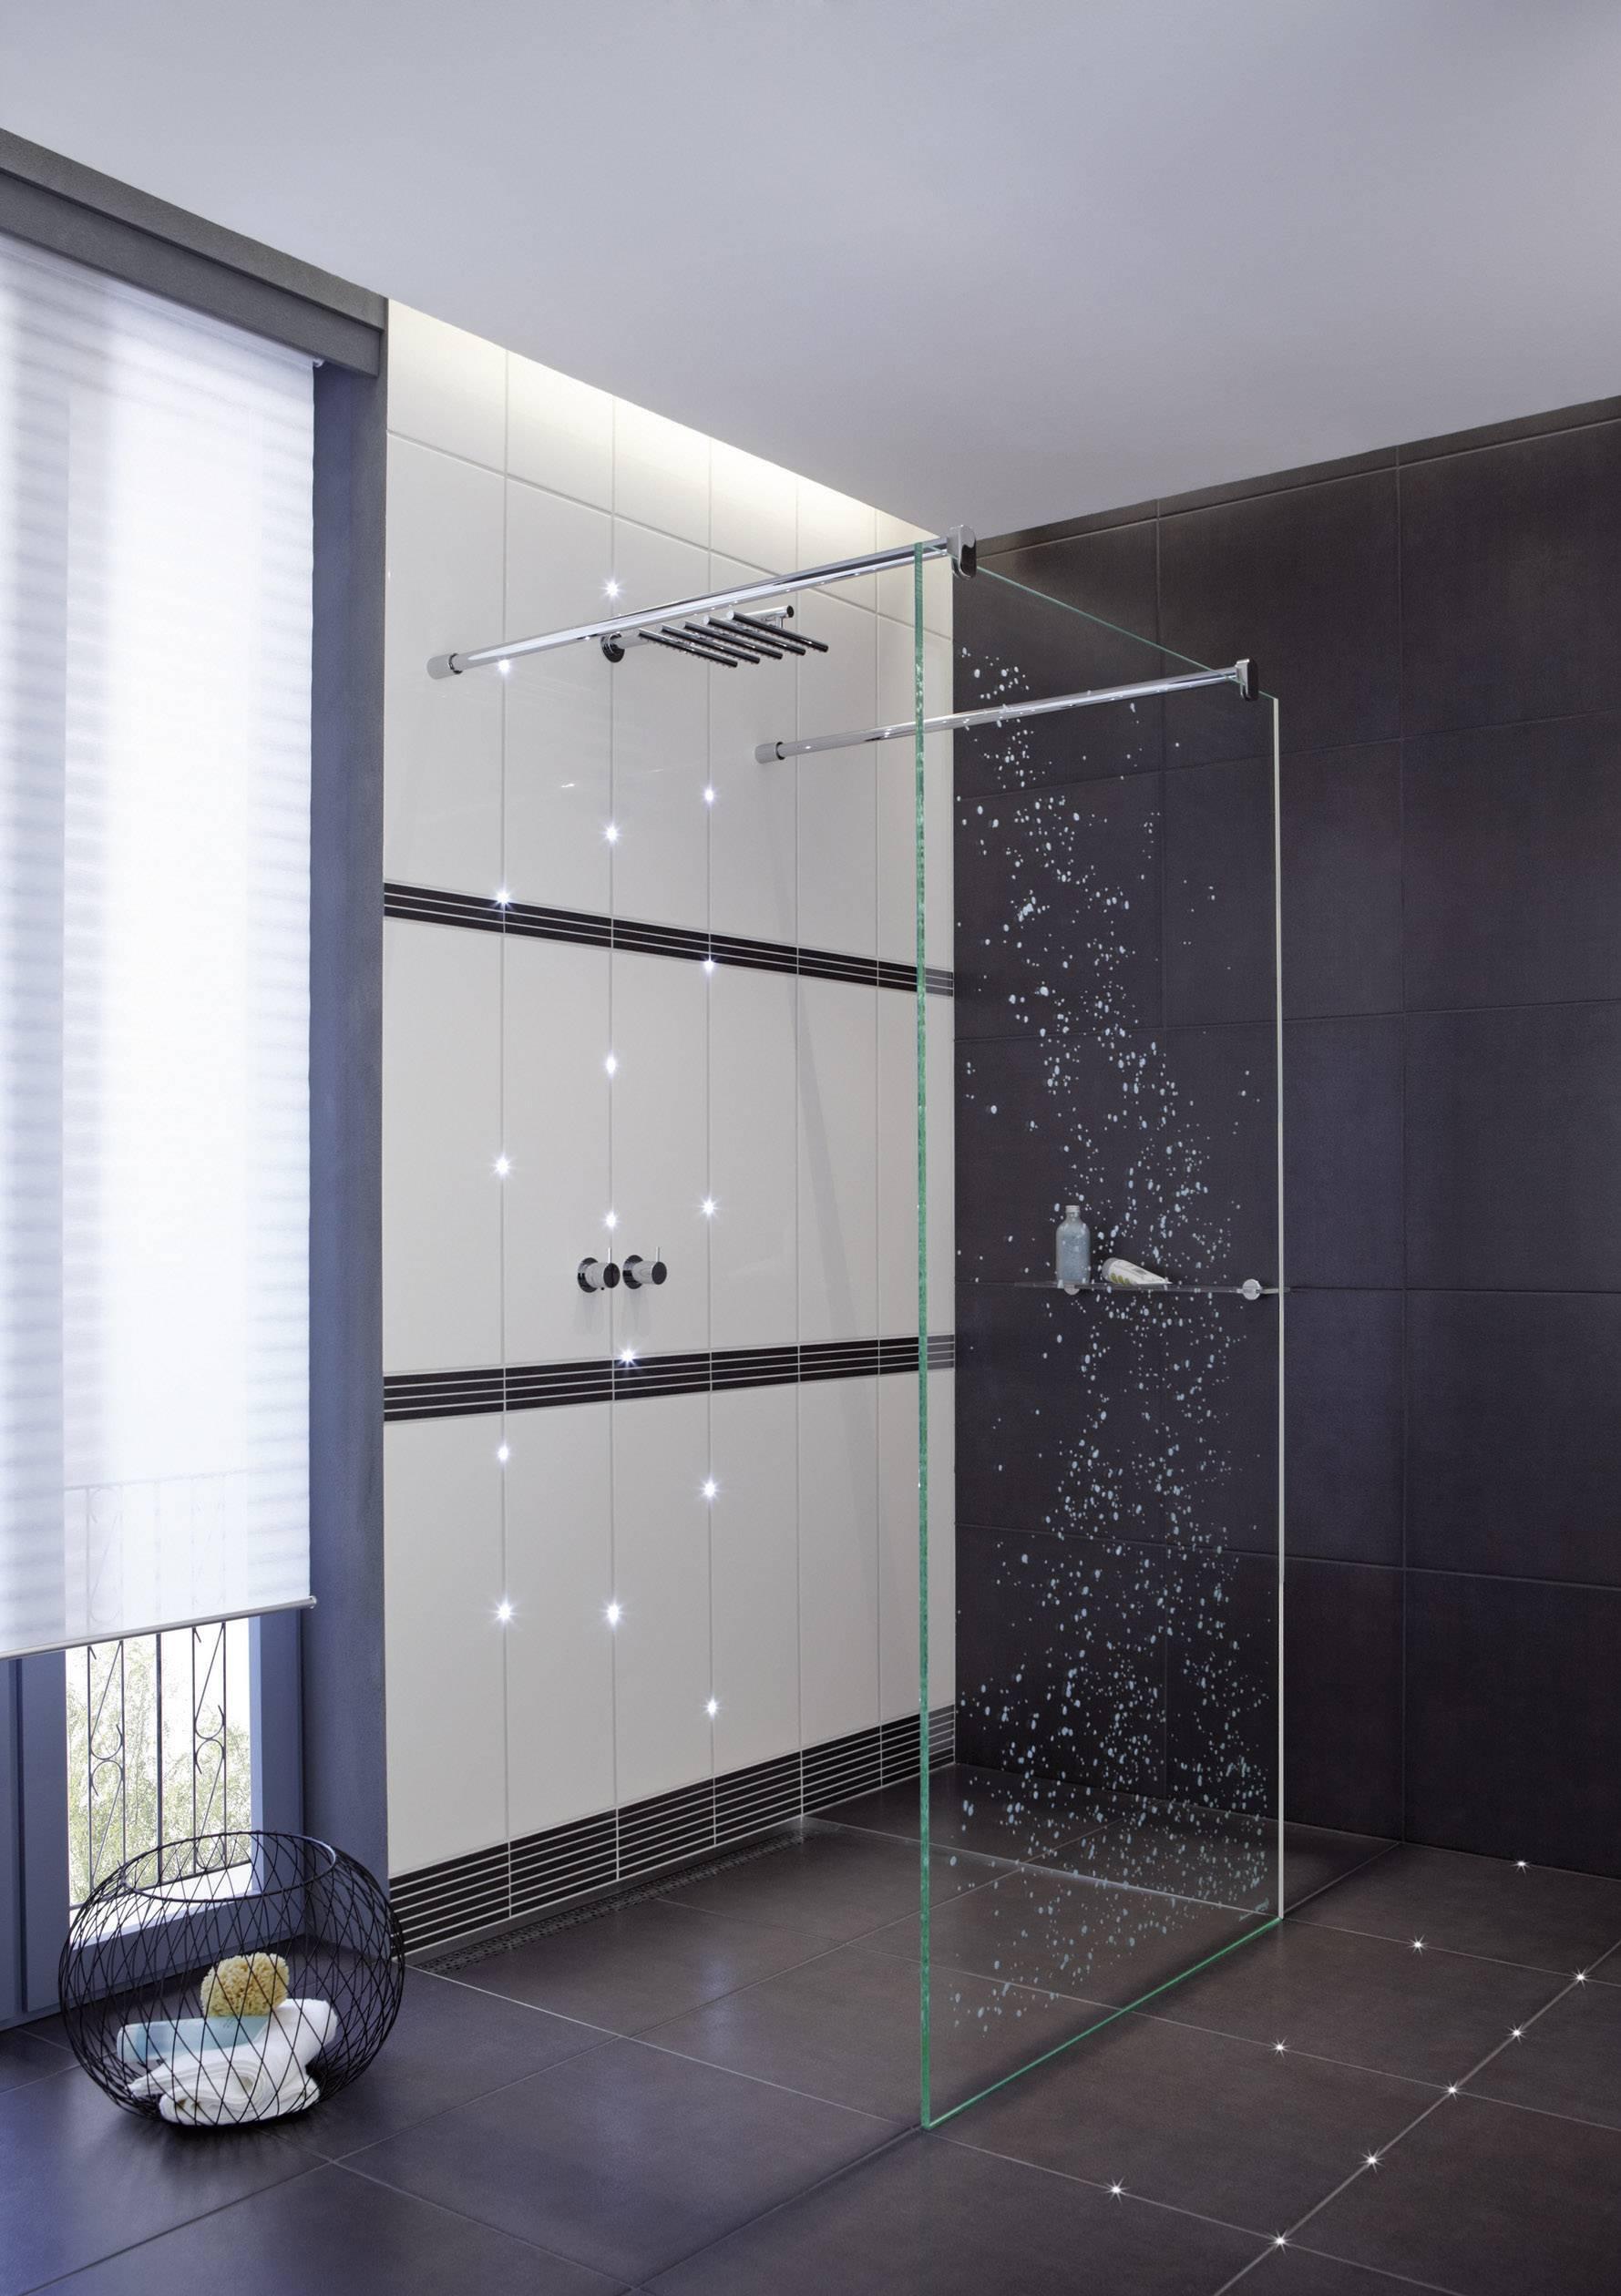 Prodotto per fughe piastrelle bagno excellent bicarbonato per pulire le fughe with prodotto per - Fughe piastrelle bagno ...